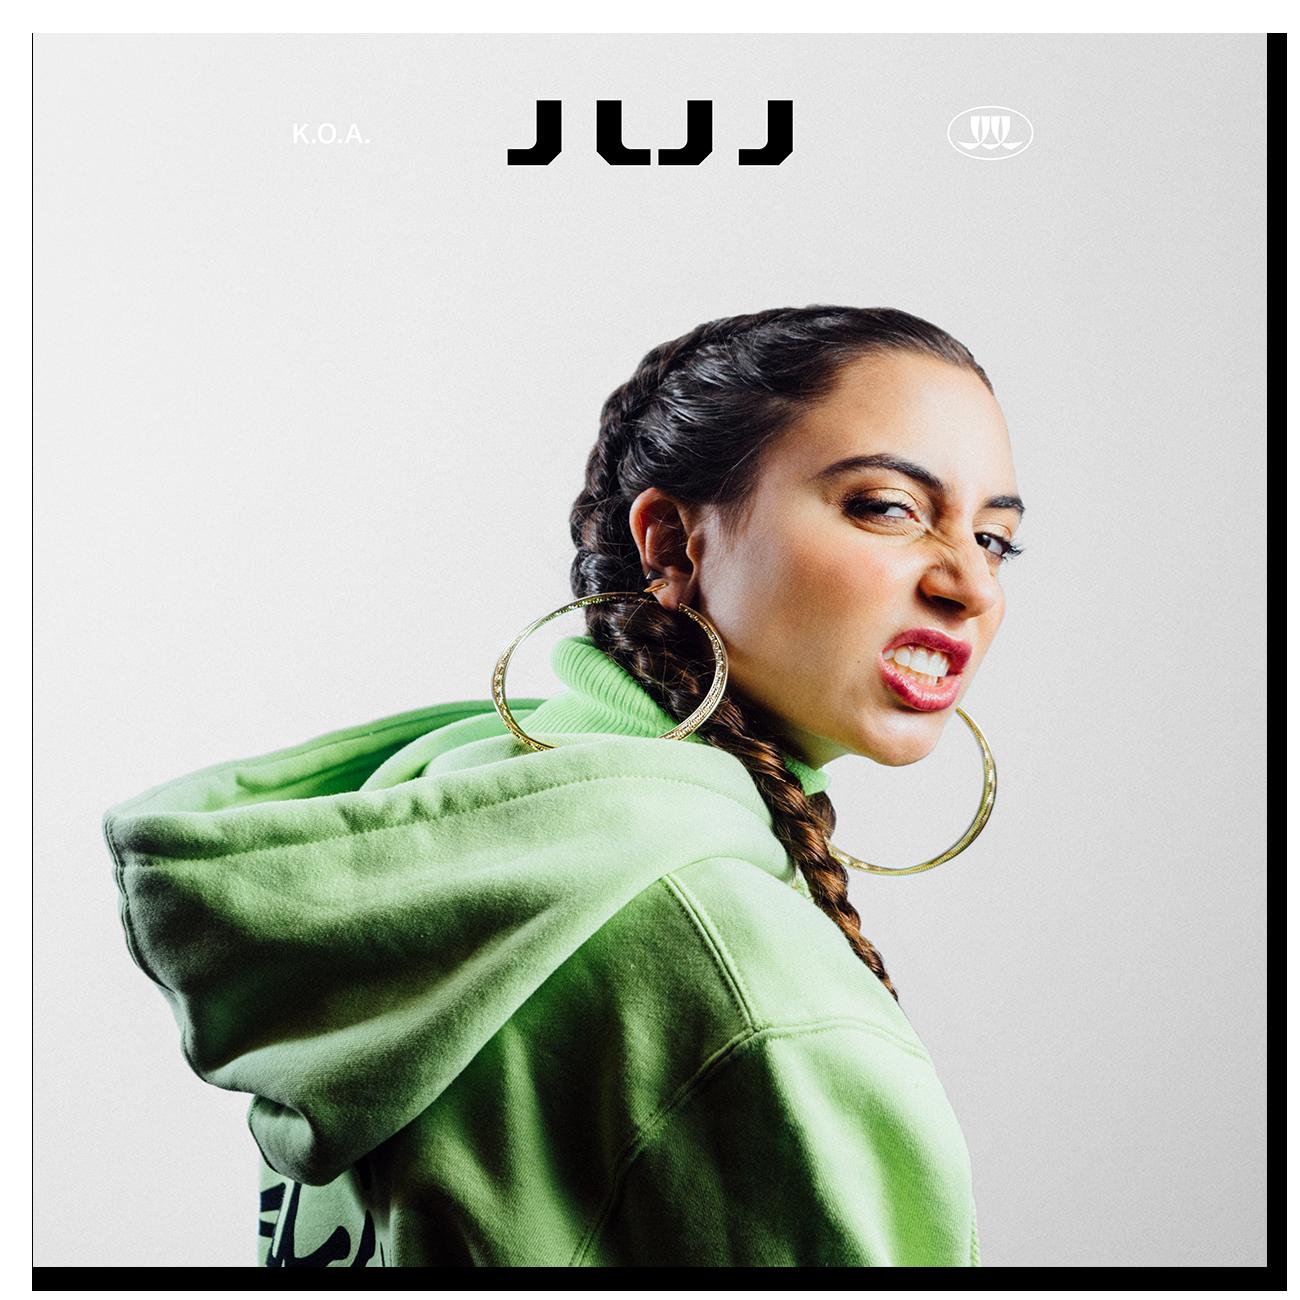 JUJ-SS-Cover-KOA.png